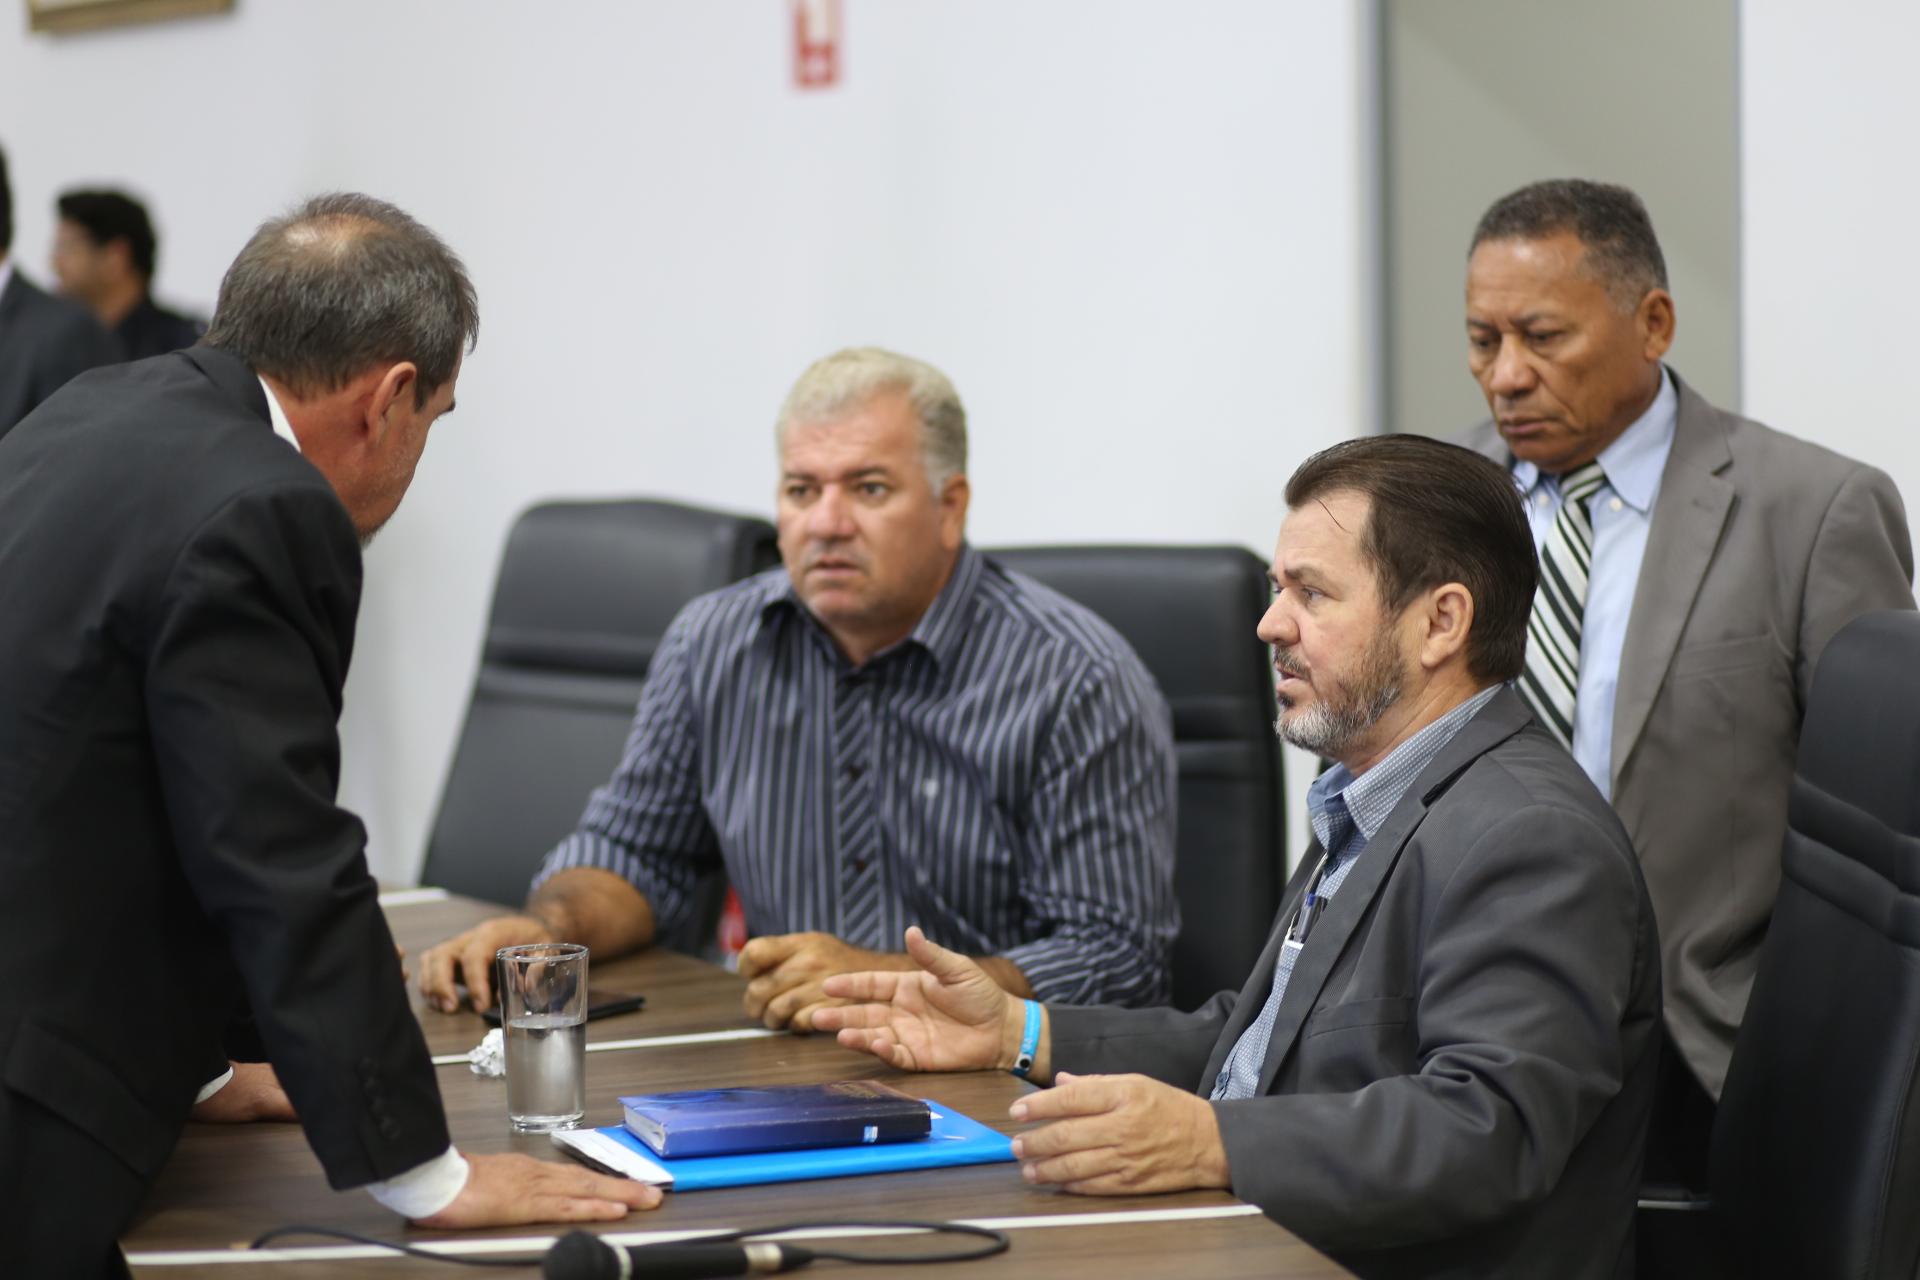 Câmara mantém veto à lei que instituía ponto eletrônico para médicos em Aparecida